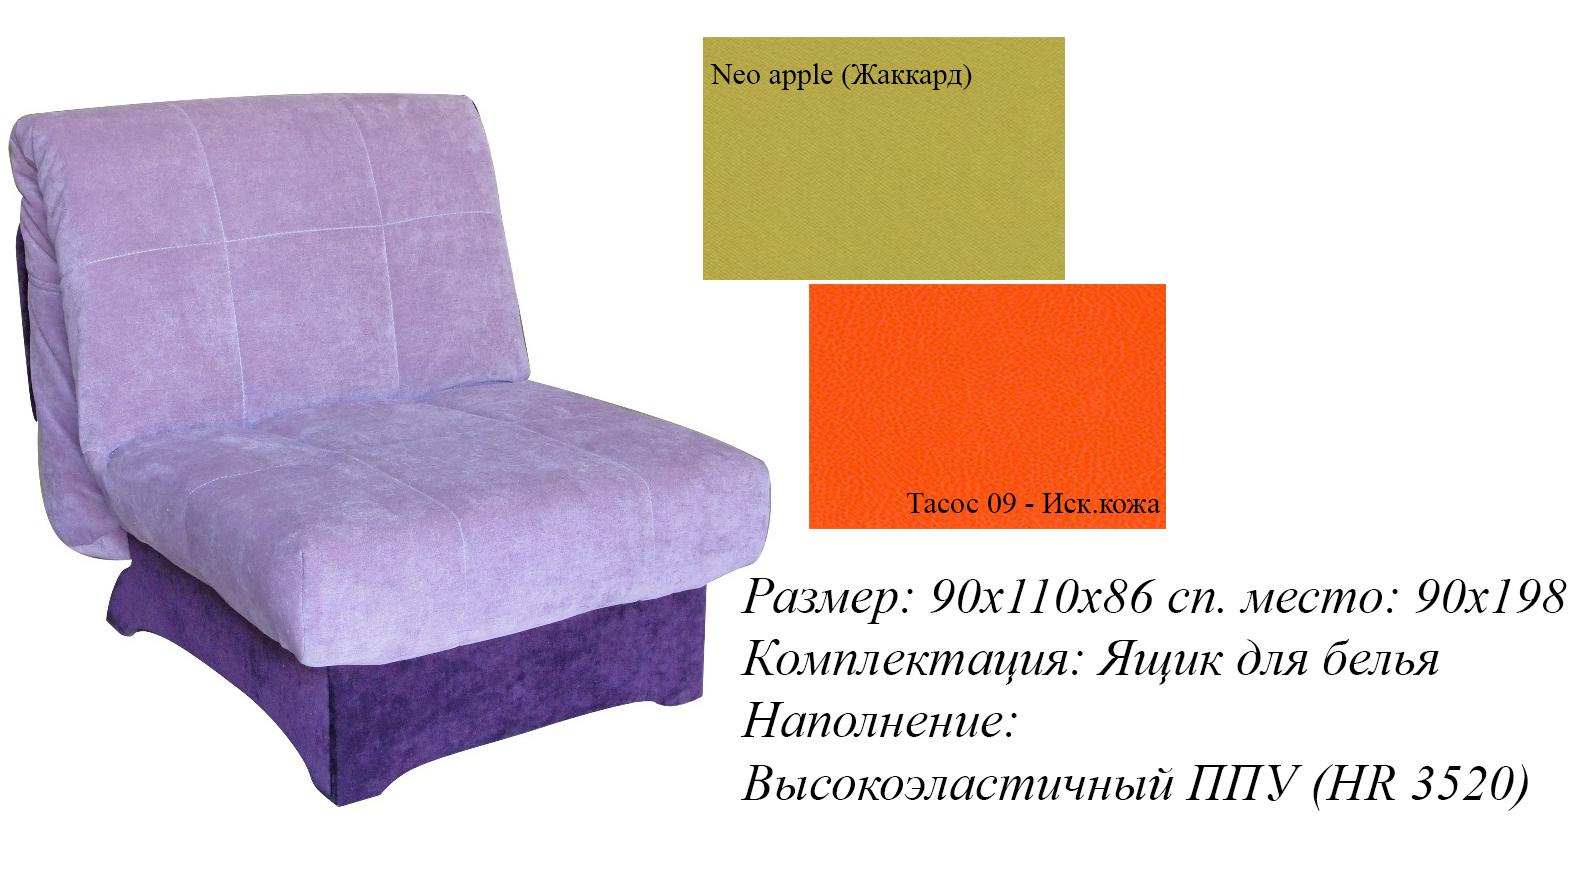 Купить со скидкой Кресло-кровать Аккорд-2 Neo apple